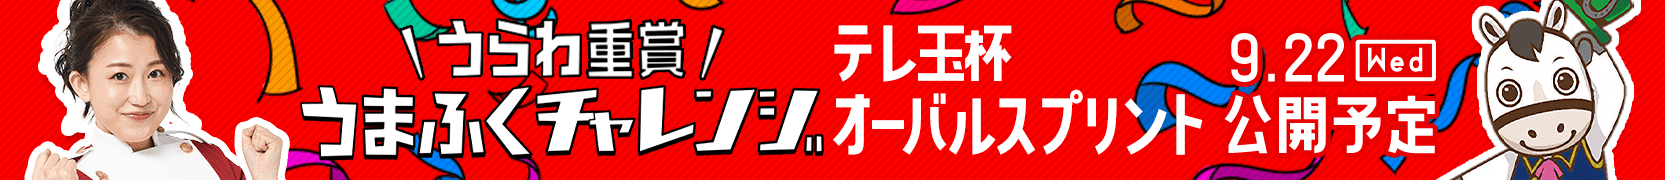 うらわ重賞『うまふくチャレンジ』テレ玉杯オーバルスプリント(9月23日開催)